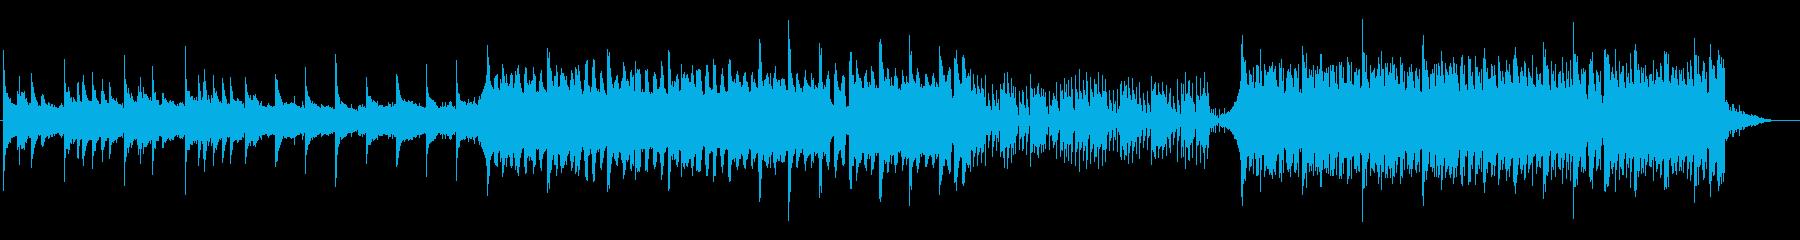 穏やかなピアノ・エレクトリック2の再生済みの波形